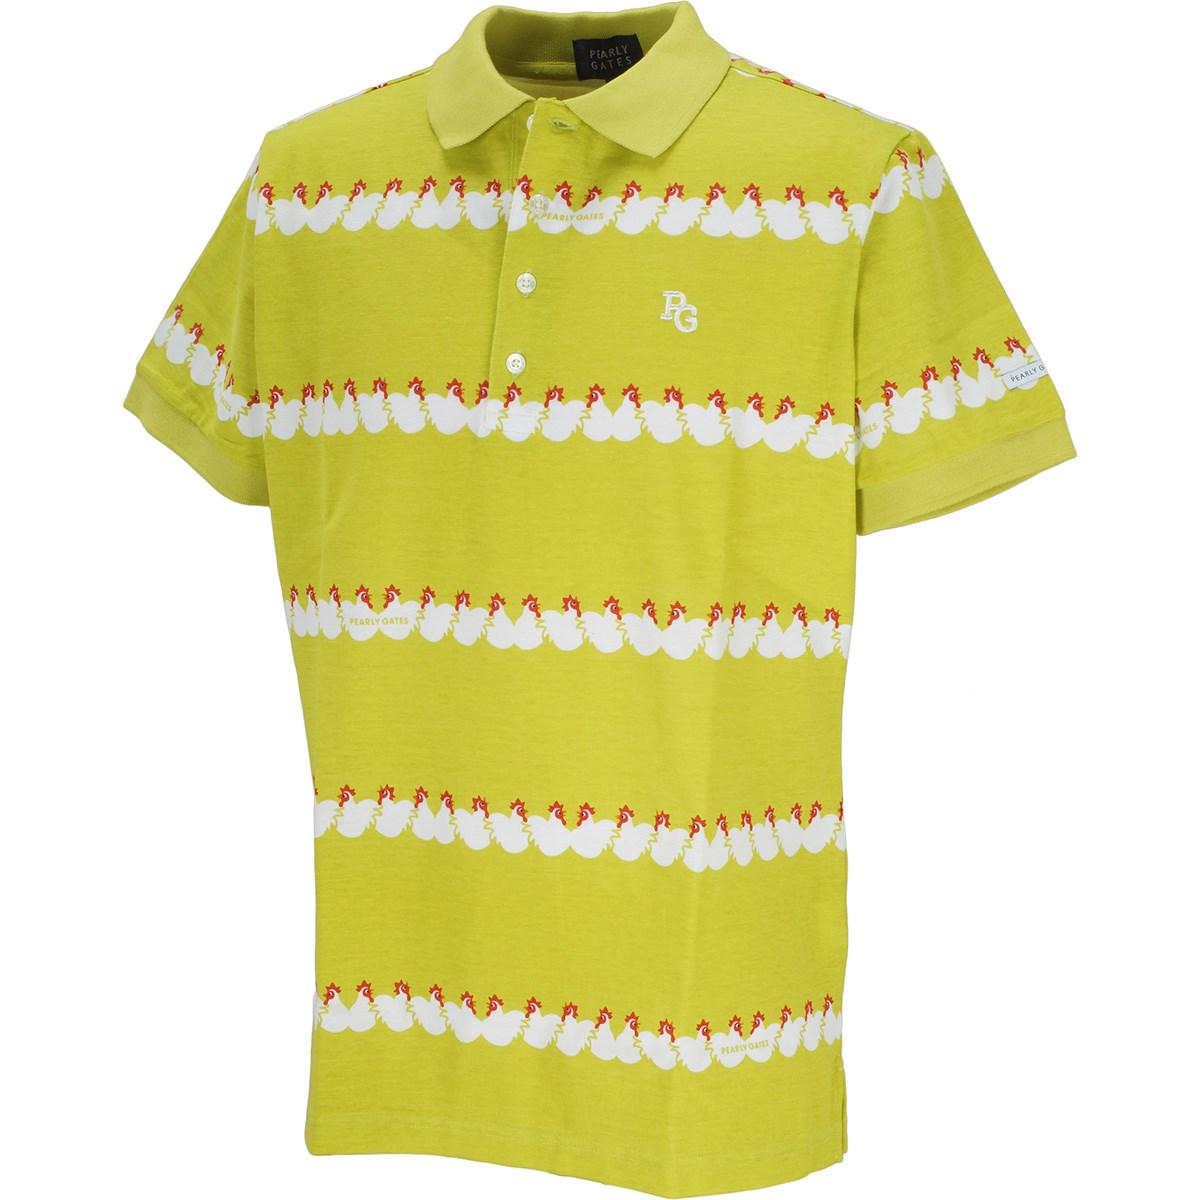 パーリーゲイツ リップル天竺 にわとりプリント 半袖ポロシャツ